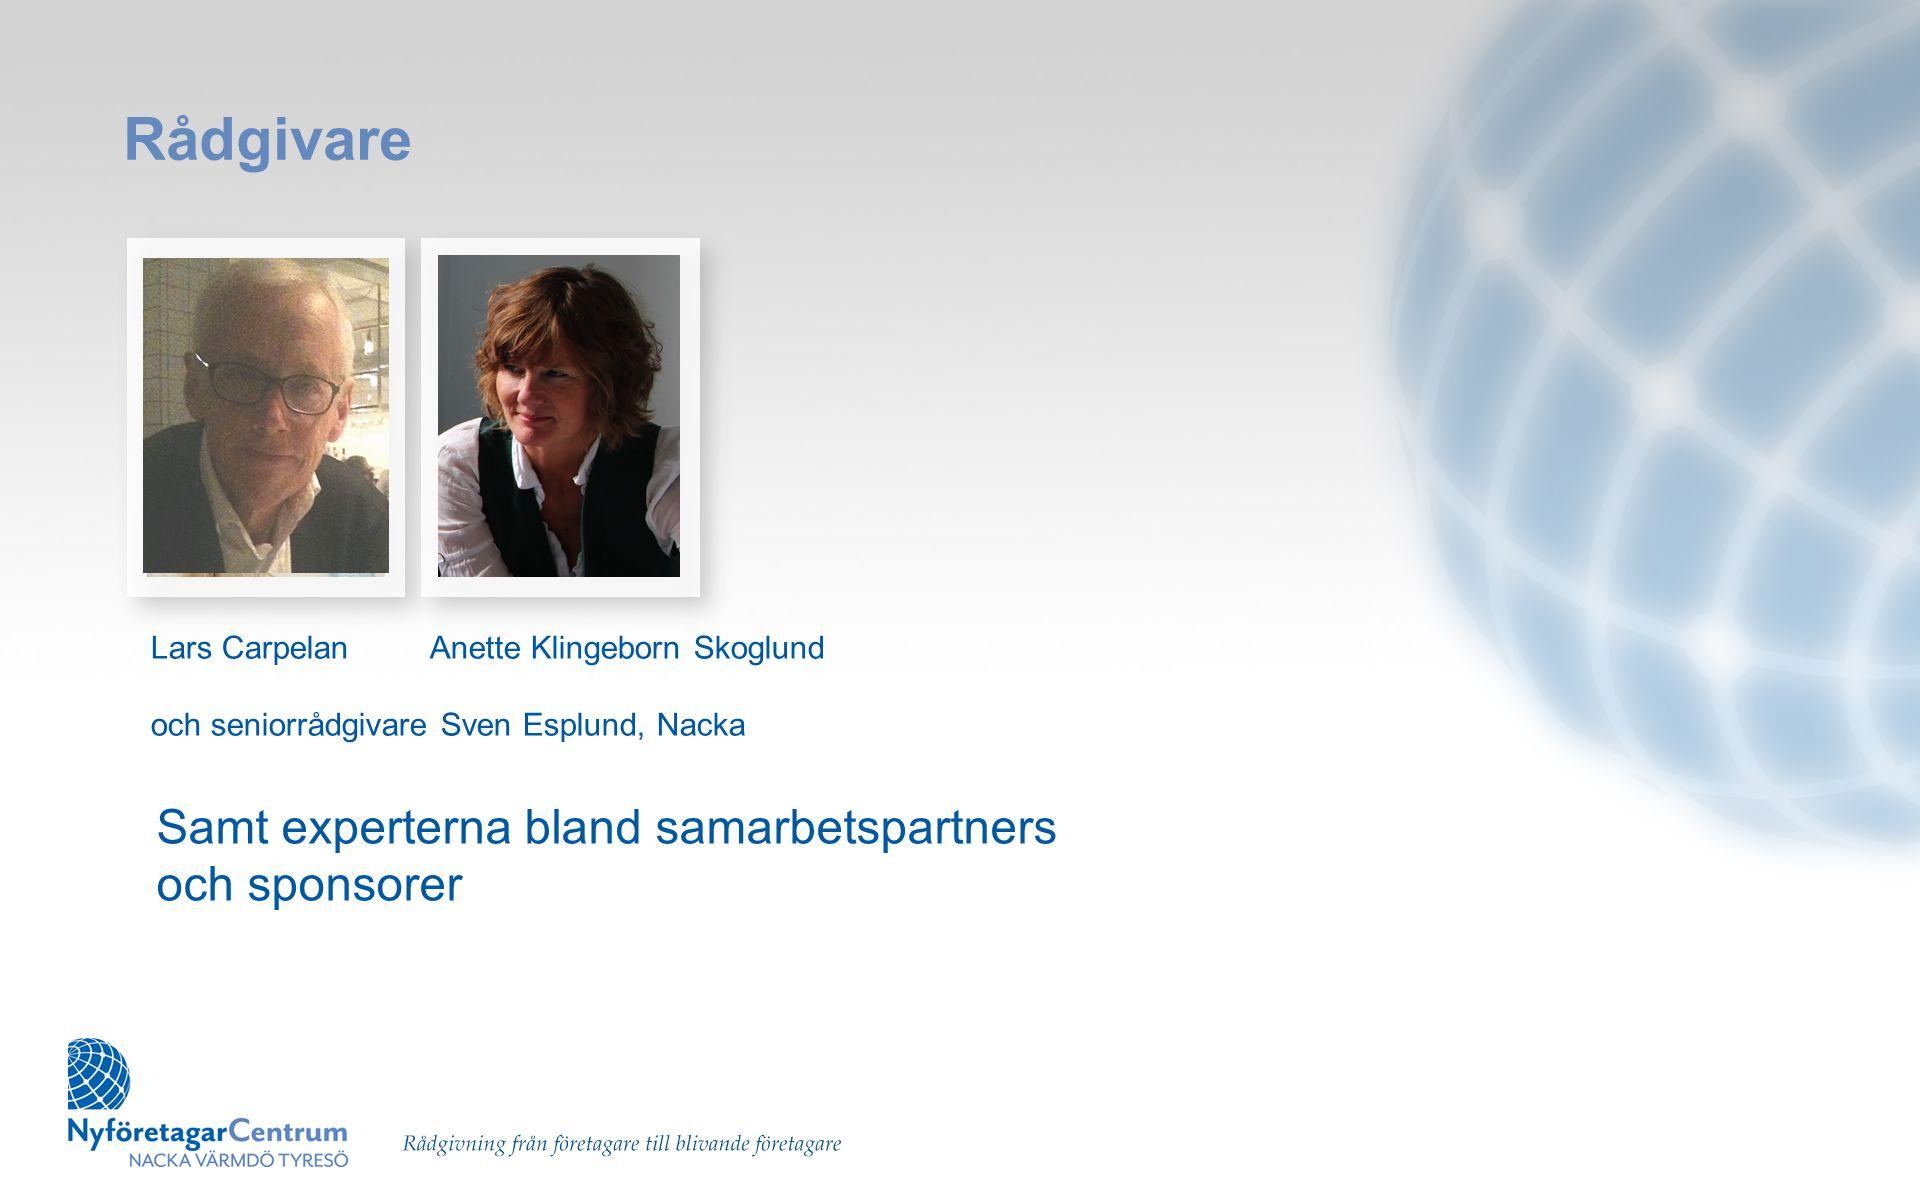 Rådgivare Lars Carpelan Anette Klingeborn Skoglund och seniorrådgivare Sven Esplund, Nacka Samt experterna bland samarbetspartners och sponsorer